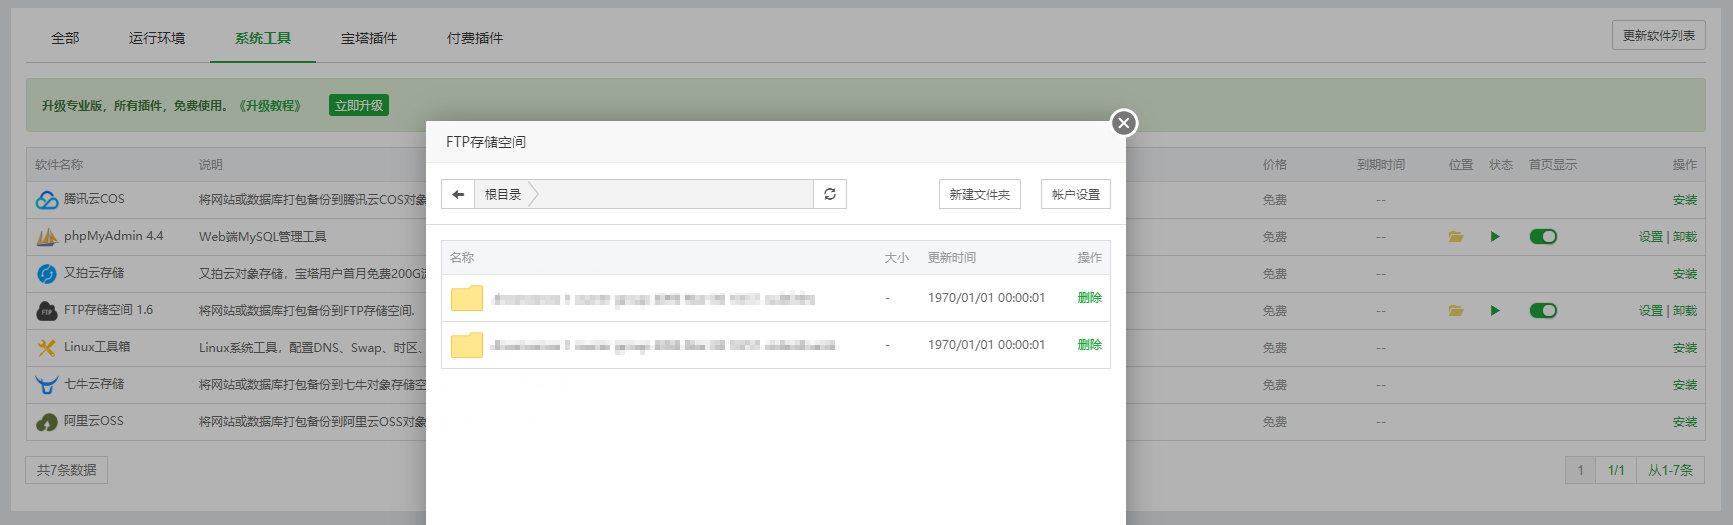 利用Openload每日免费自动备份网站/数据库 附宝塔面板实操详细教程 建站笔记 第6张